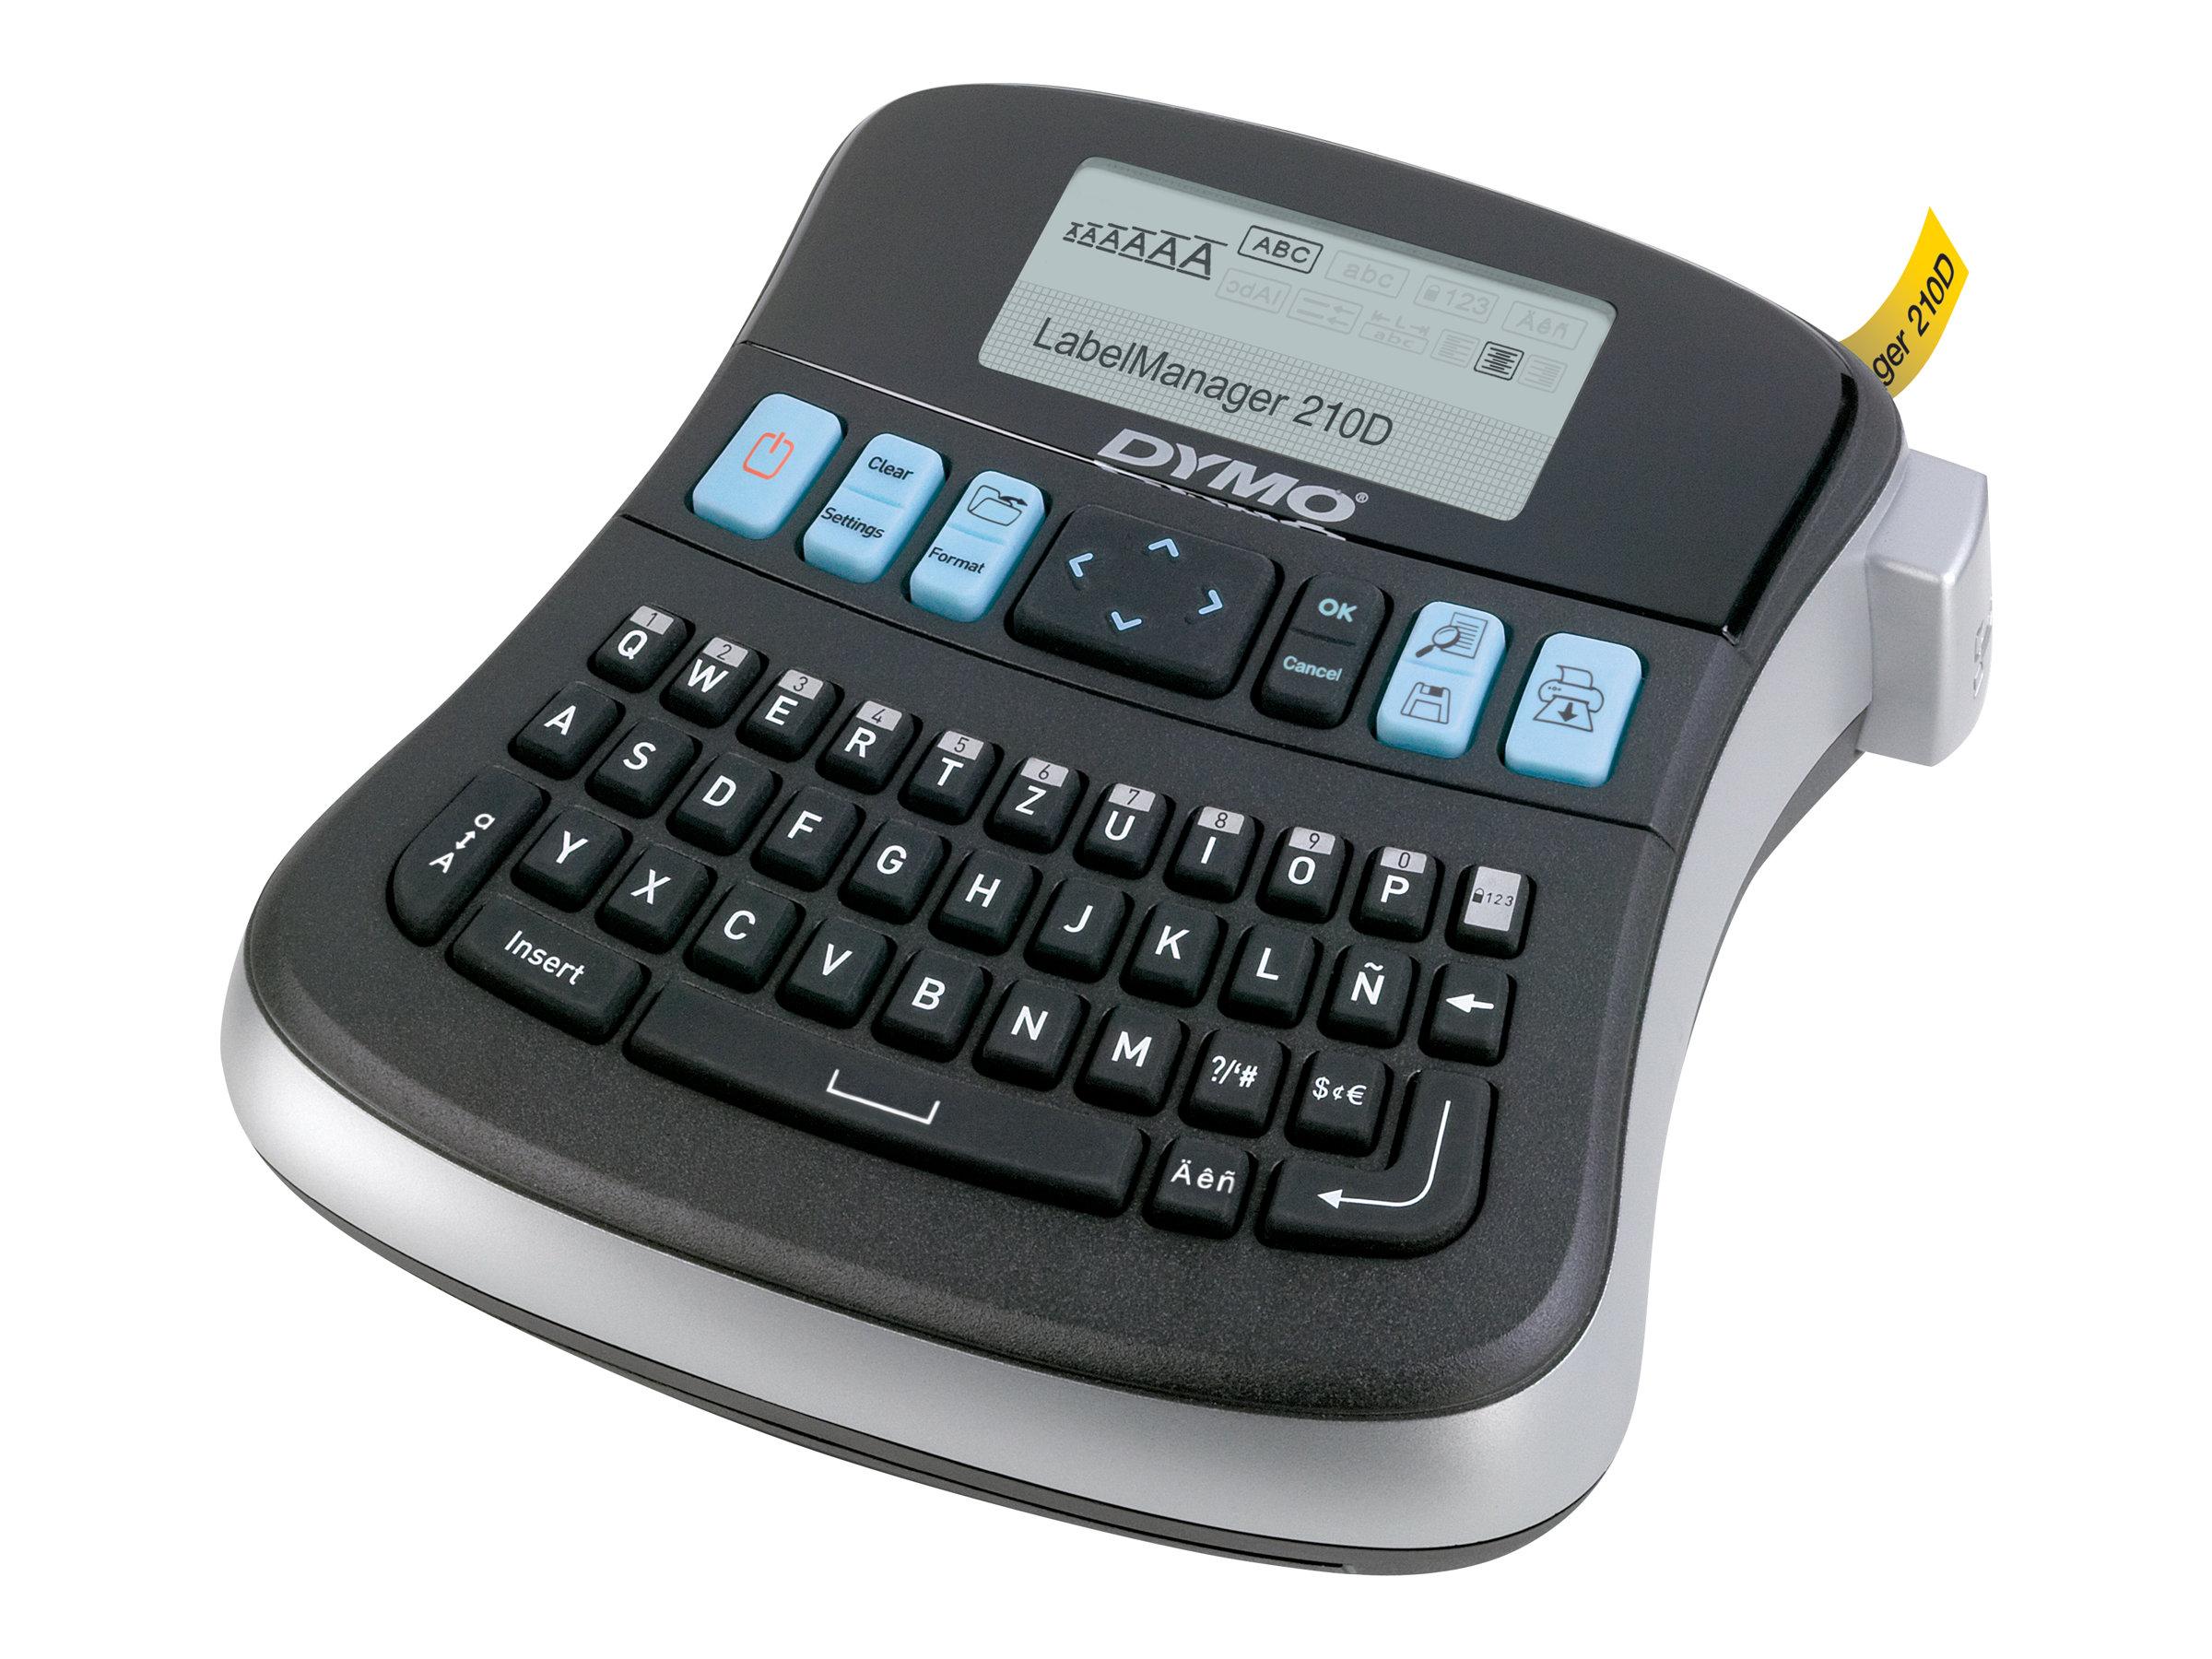 Dymo LabelMANAGER 210D - Beschriftungsgerät